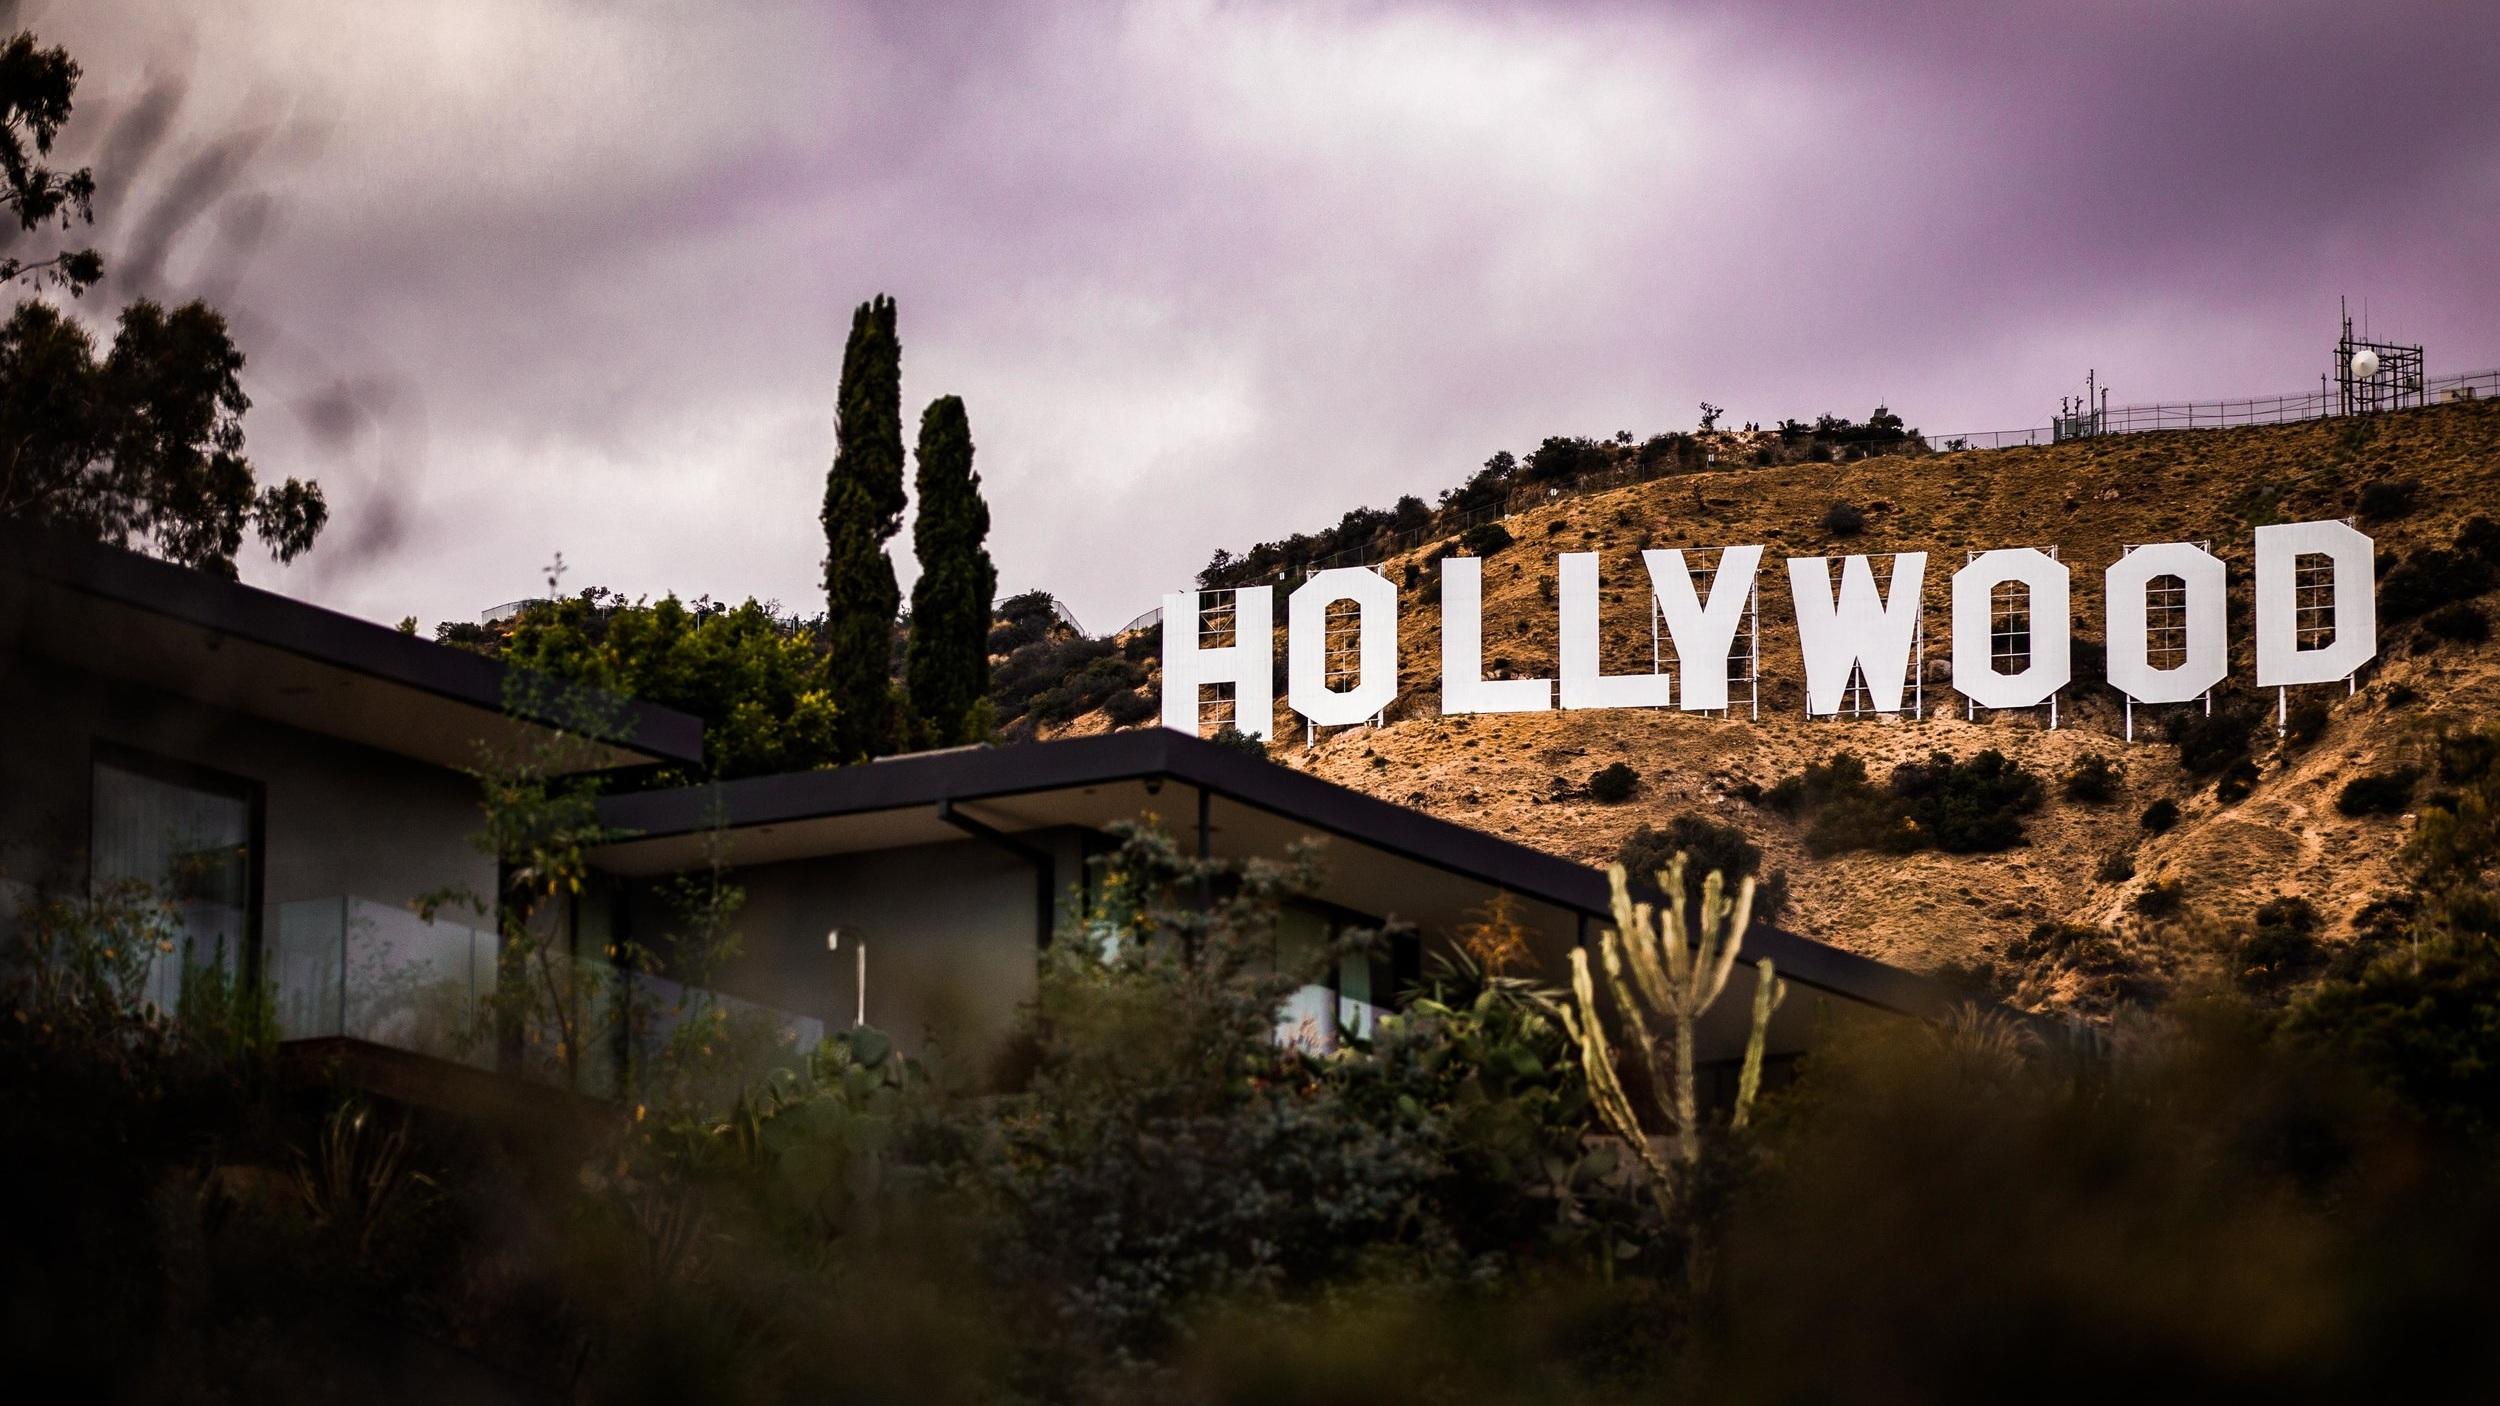 Hollywood - Kanske stadens mest välkända distrikt. Hollywood är hemmet för USA:s filmcentrum och här produceras även merparten av de amerikanska TV-serierna. Universal Studios och Paramount Pictures är några av filmhusen belägna här. Är du film-/ eller serieintresserad är ett besök hit och till Hollywood Boulevard och Walk of fame ett absolut måste.